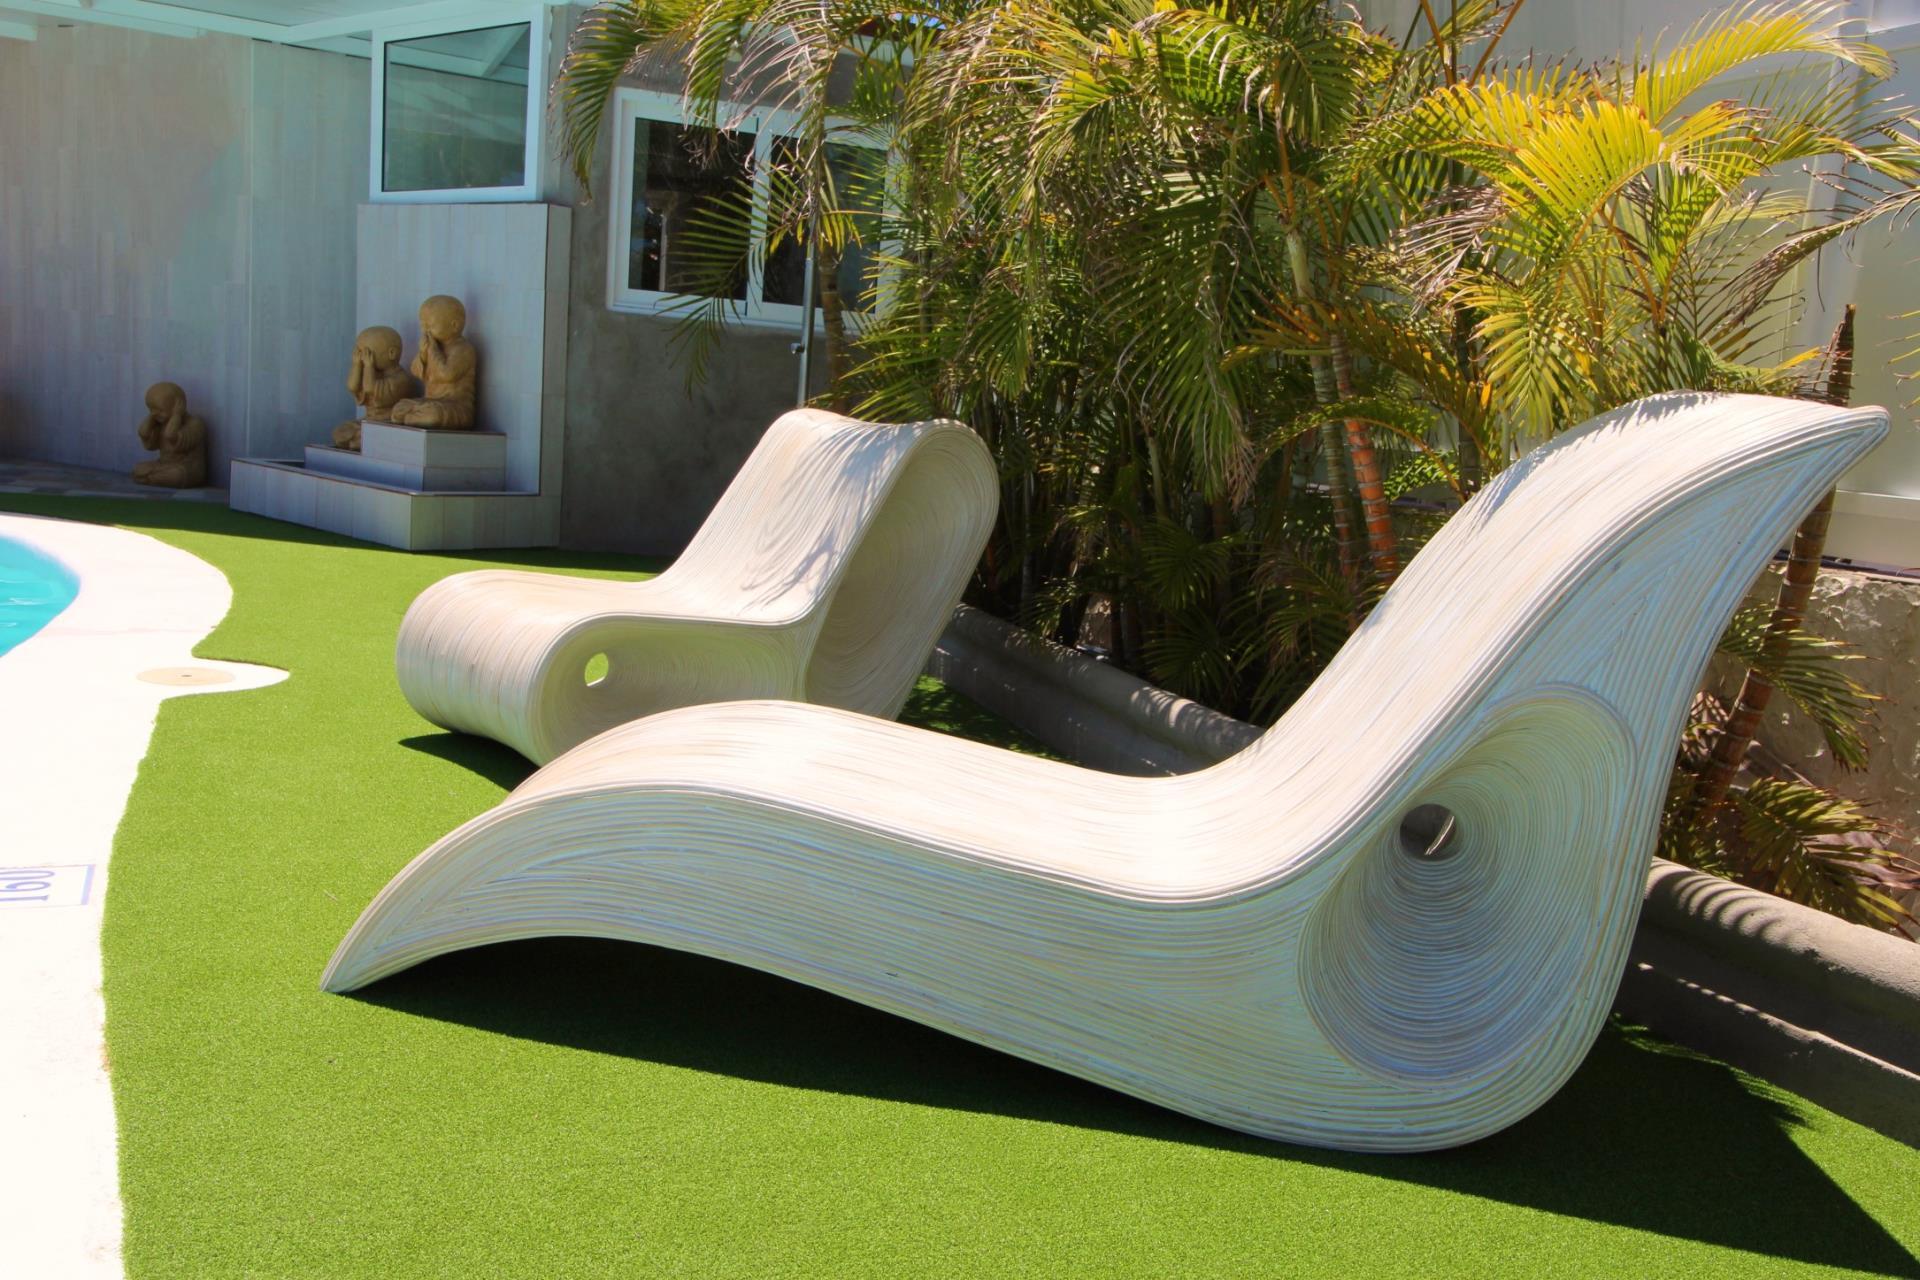 Ligstoelen van Naturisten hotel Artika Natura Gran Canaria